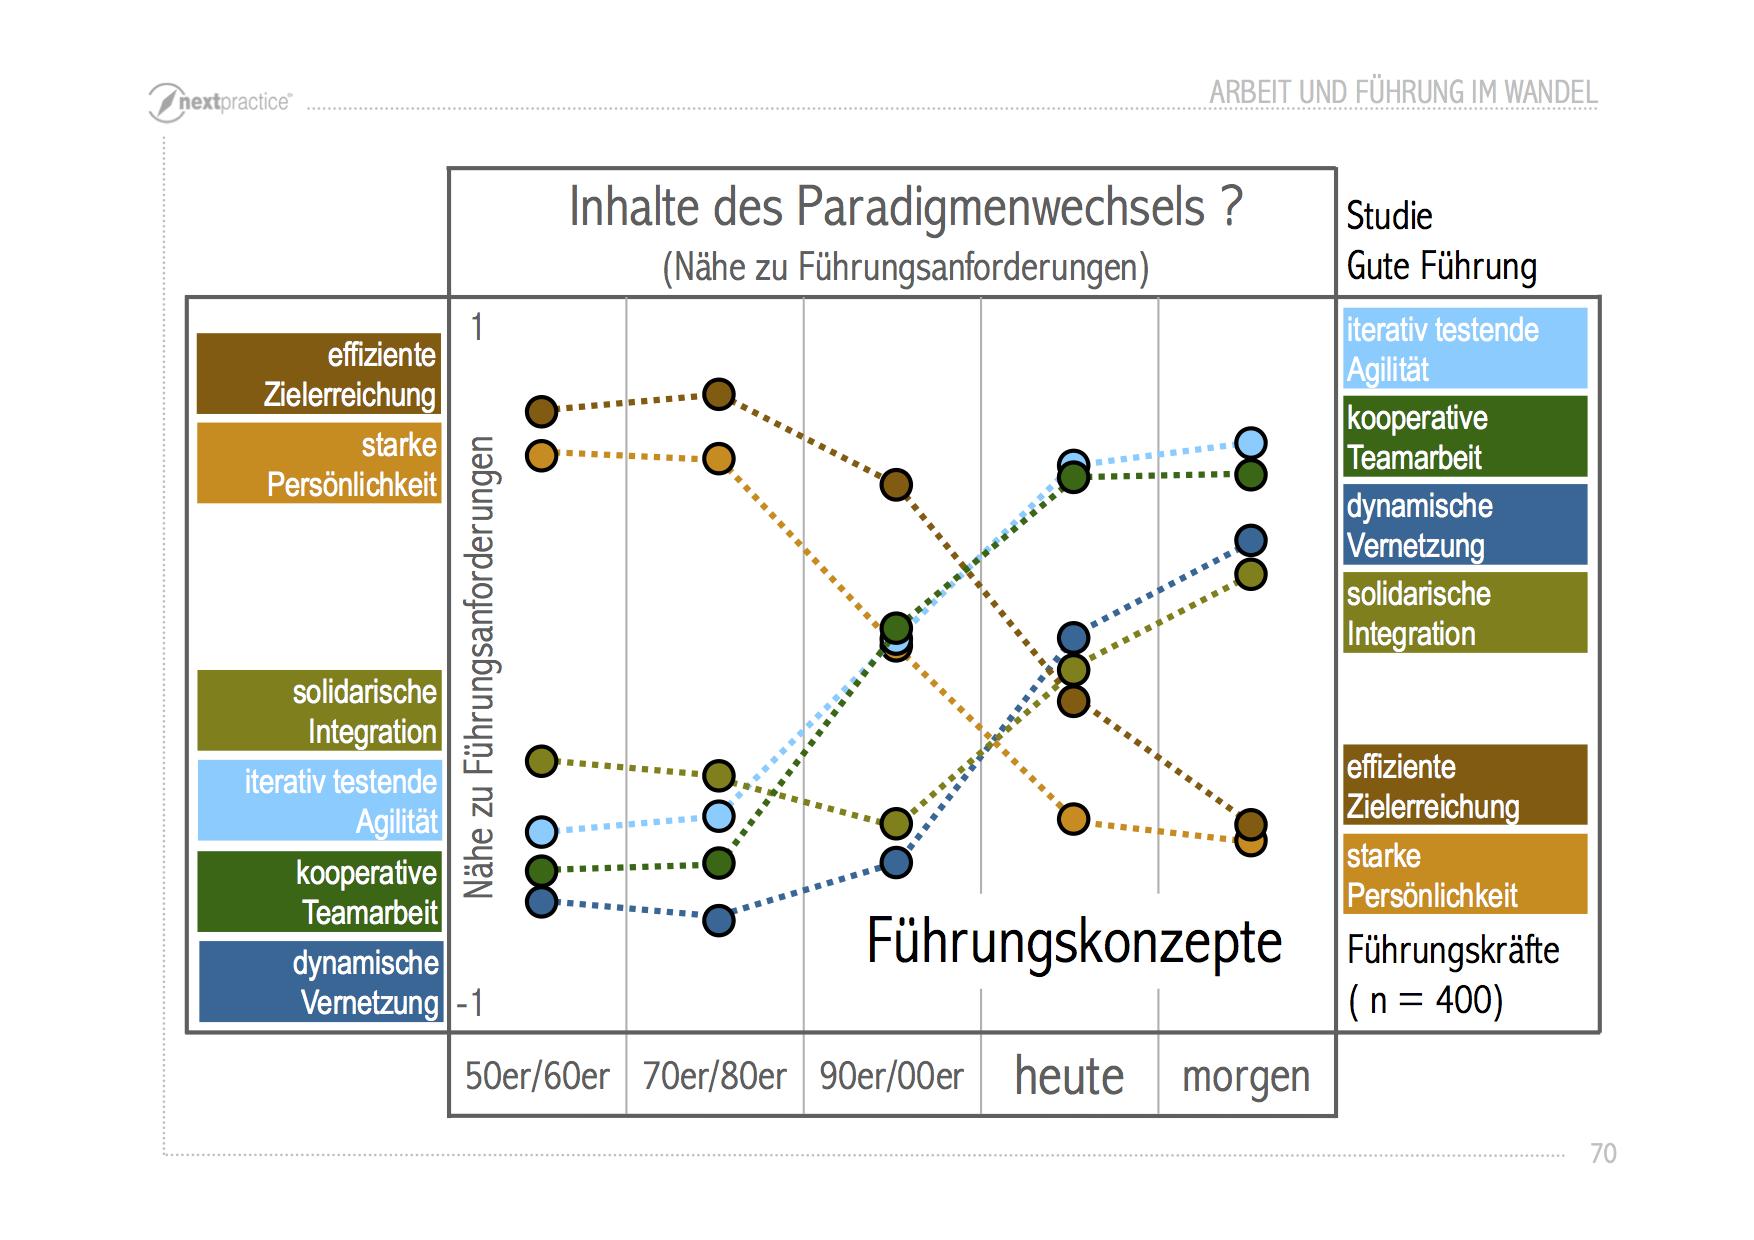 Kruse2014-Führungskonzepte